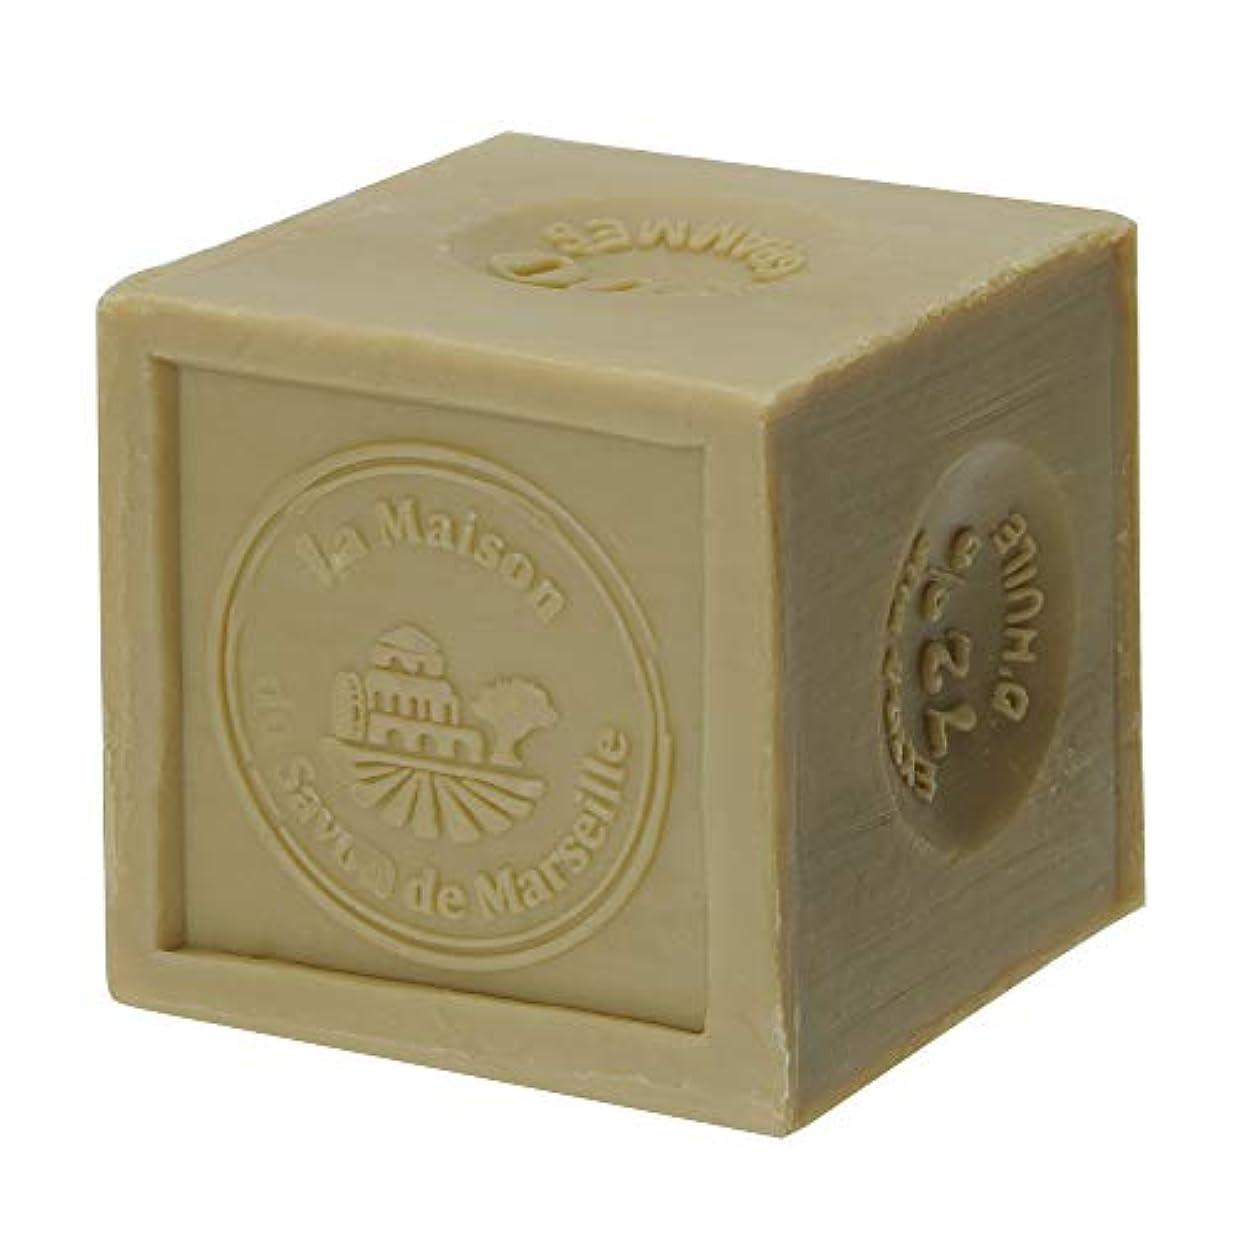 慎重にケーブルコストノルコーポレーション マルセイユ石鹸 オリーブ UPSM認証マーク付き 300g MLL-3-1